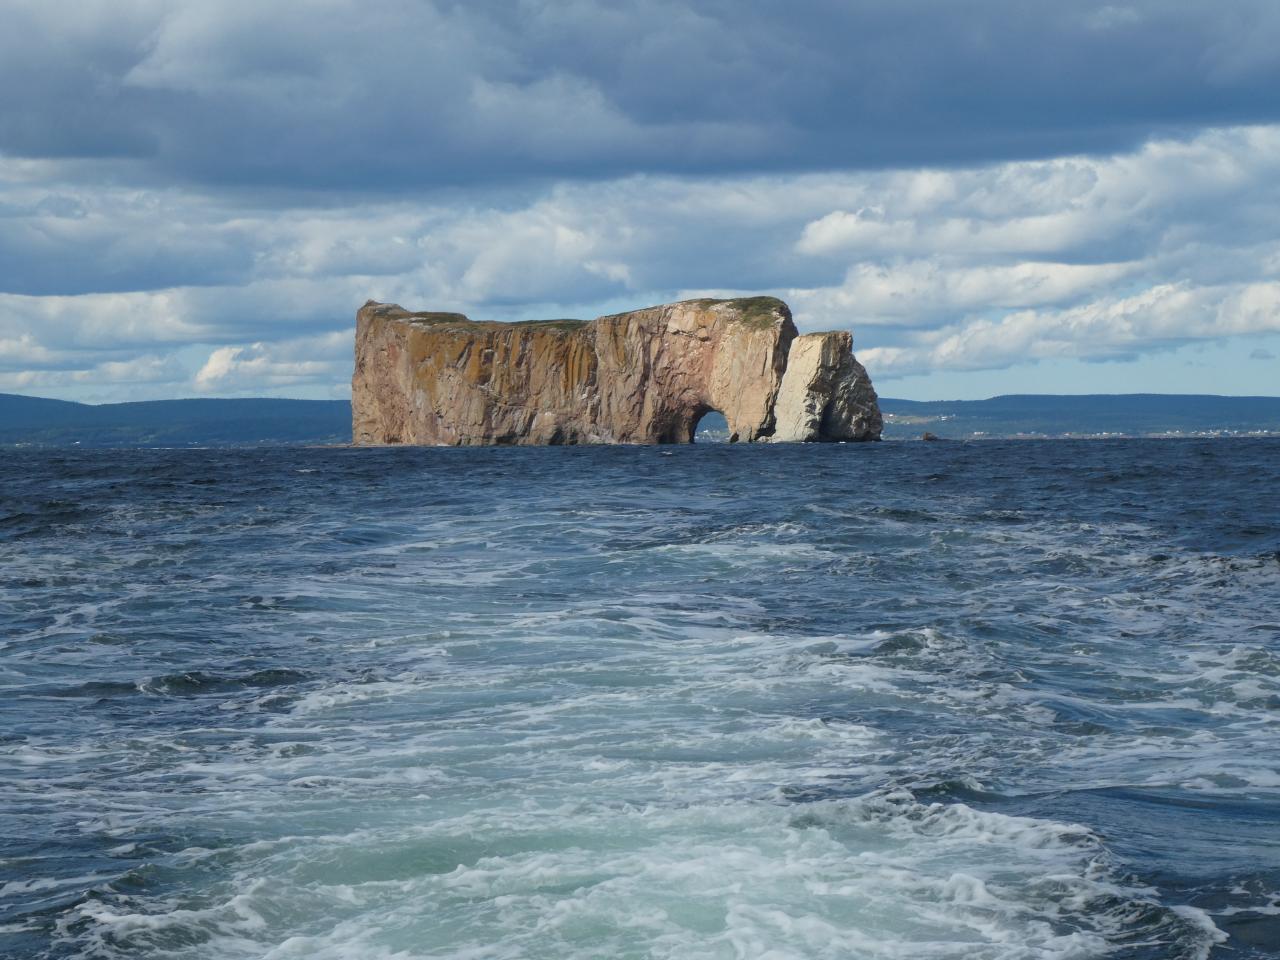 Photo 1: Percé et son rocher, Gaspésie